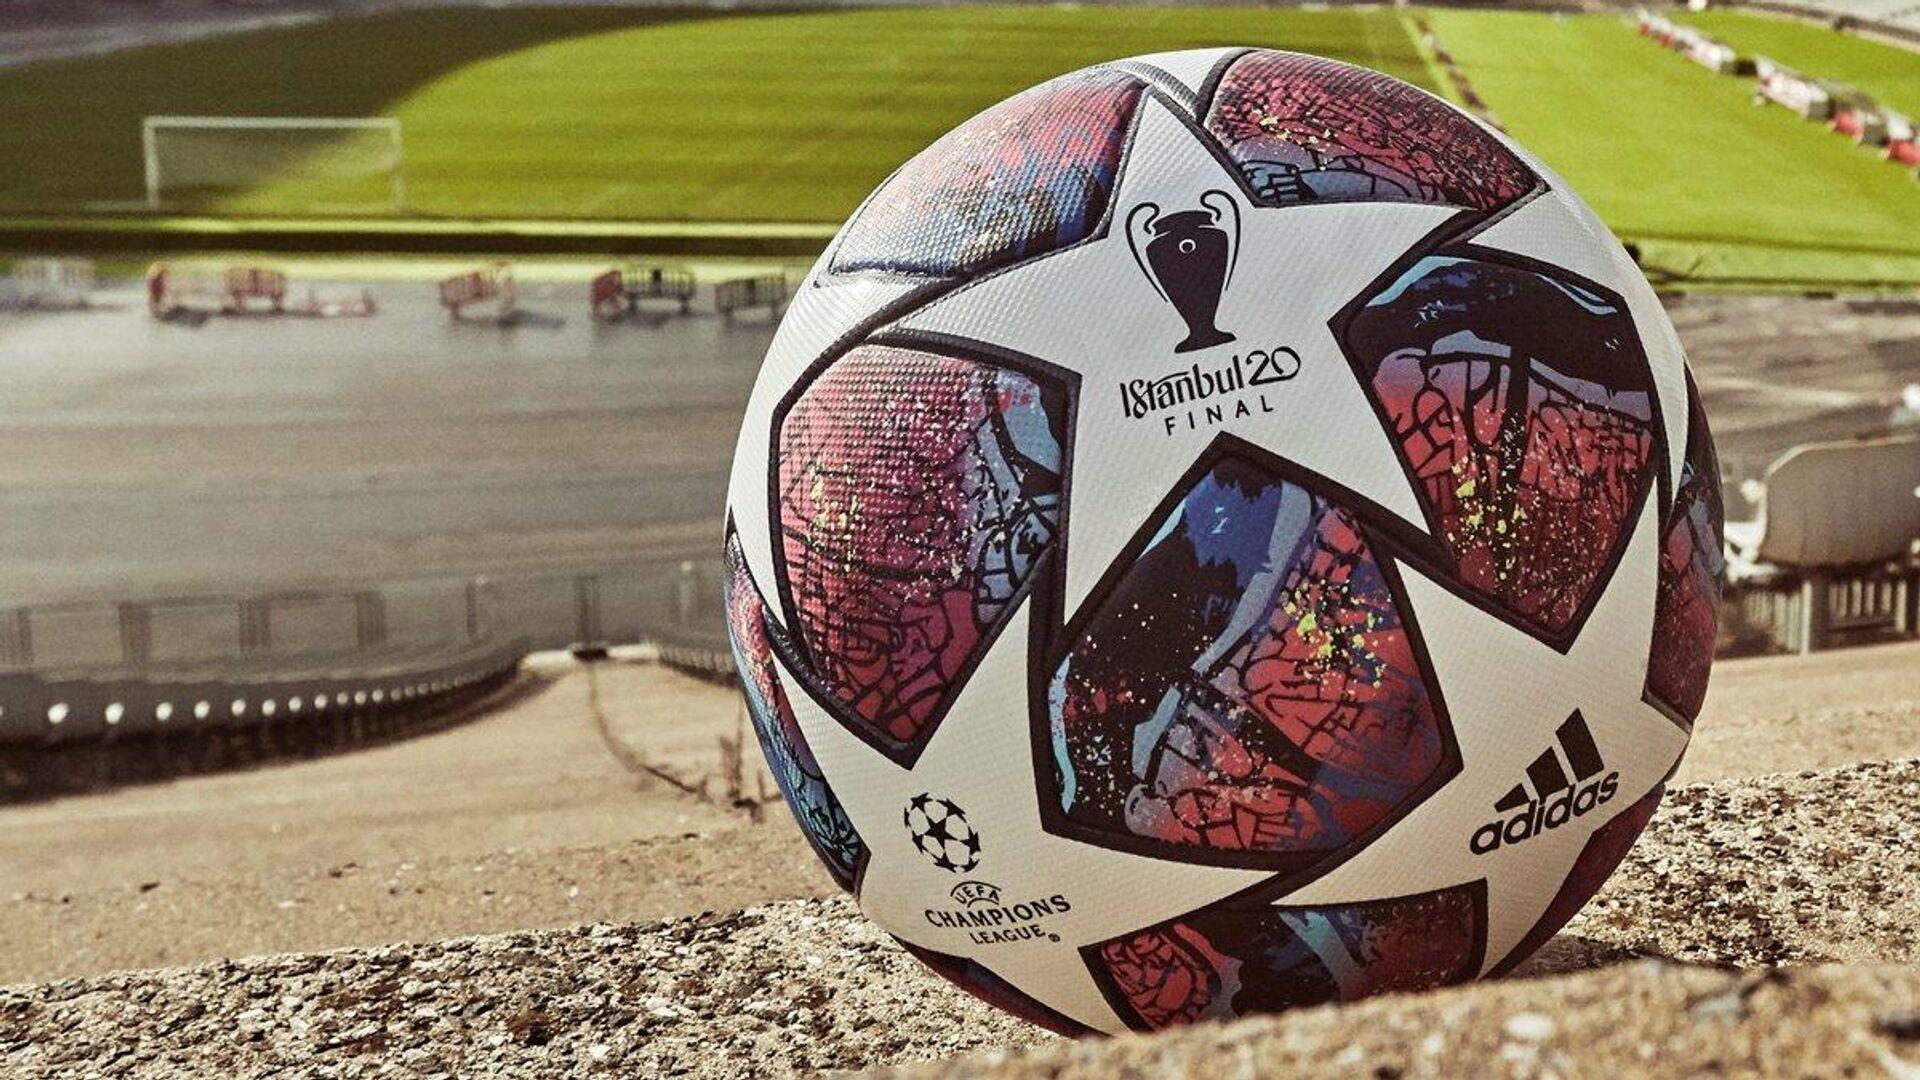 Официальный мяч финала Лиги чемпионов сезона-2019/20 - РИА Новости, 1920, 07.05.2021